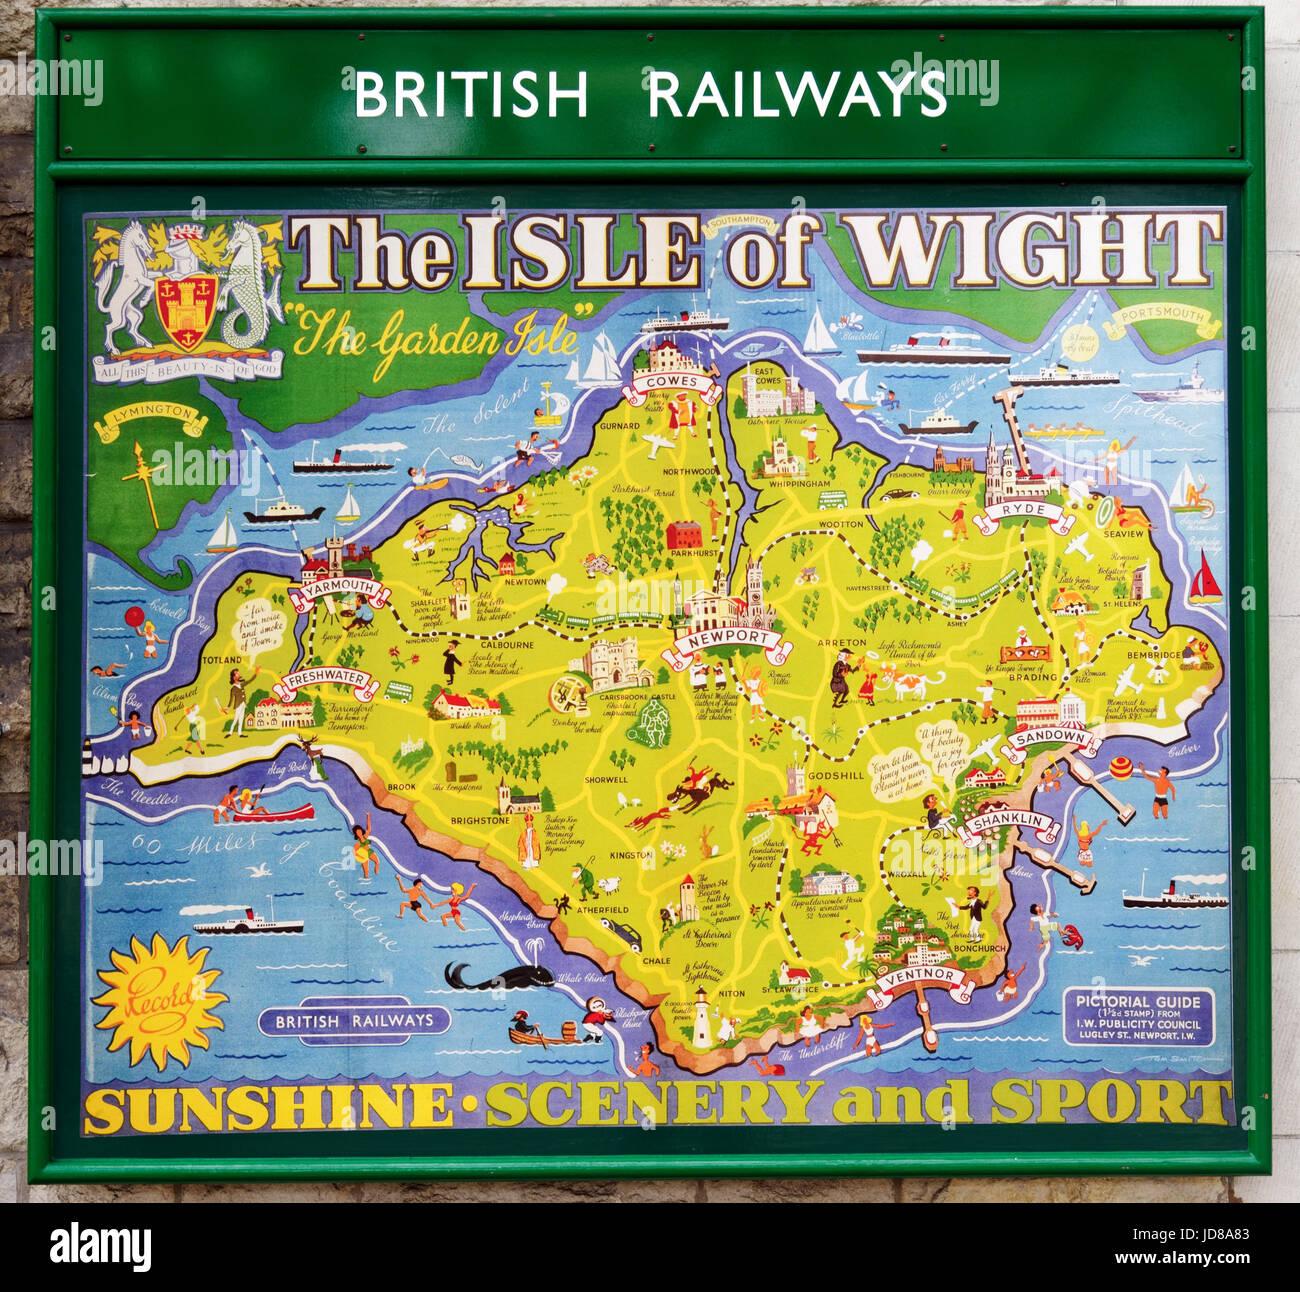 Alte 50er Jahre Stil British Railways Poster für die Isle of Wight auf der Swanage Steam Railway Stockfoto